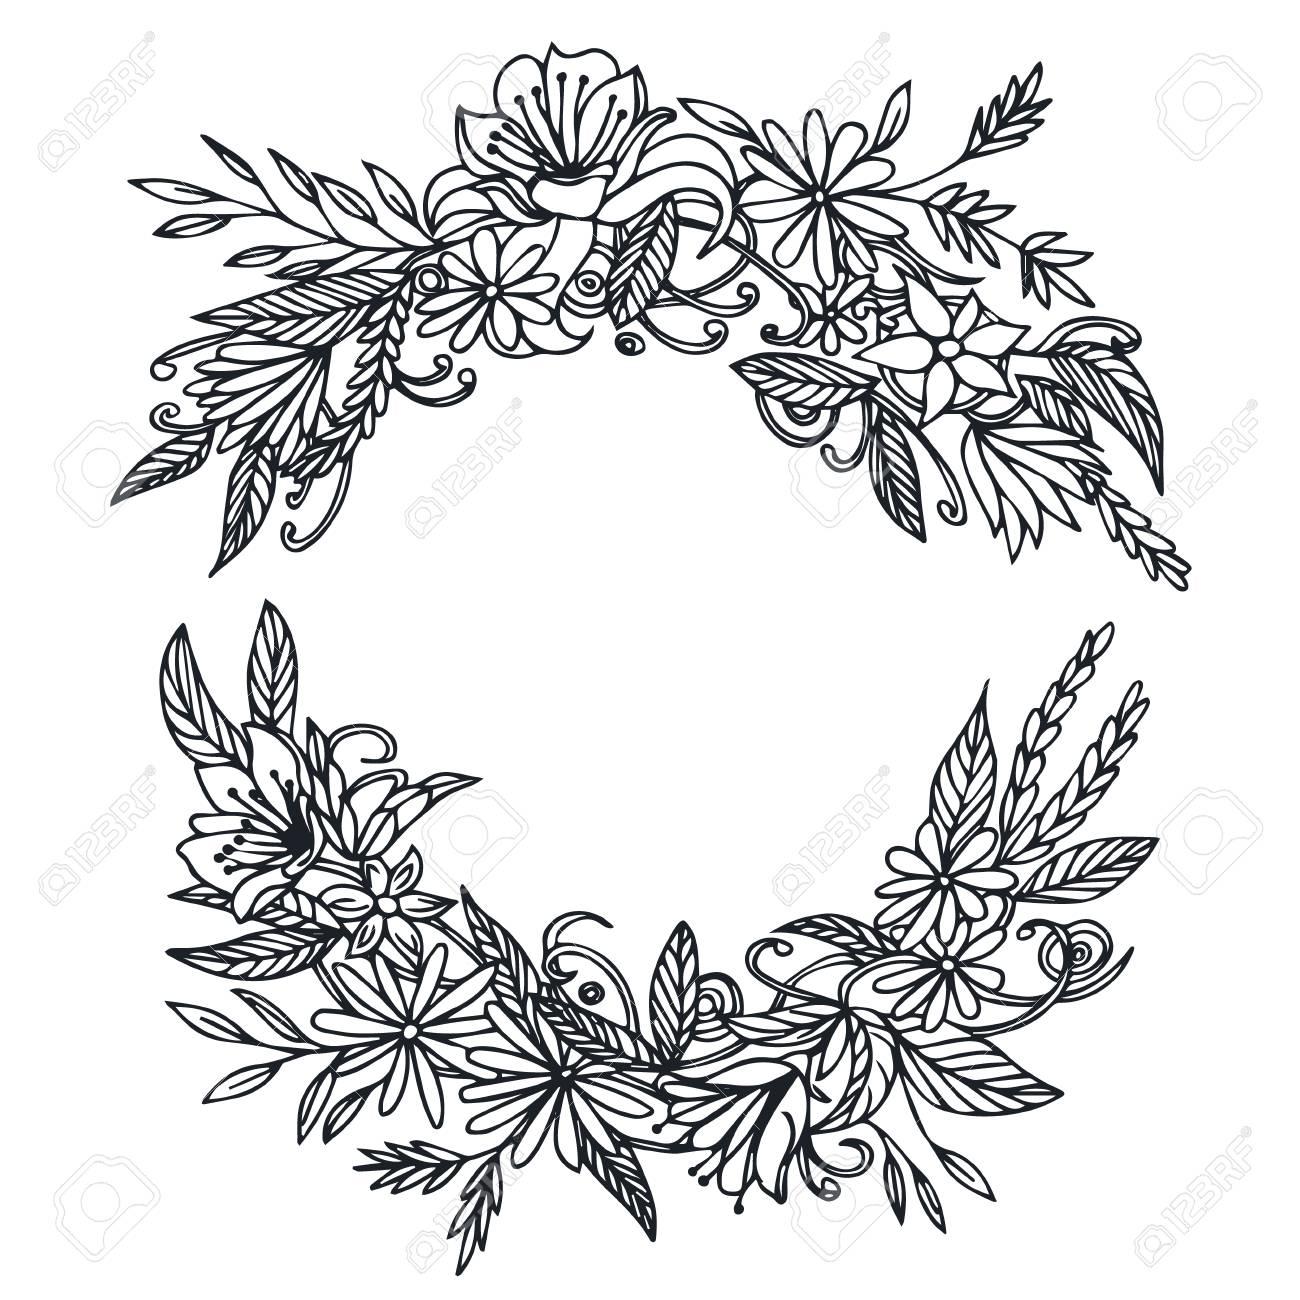 Vektor Jahrgang Runden Rahmen Mit Blumen. Blumenkranz. Schwarz Und ...